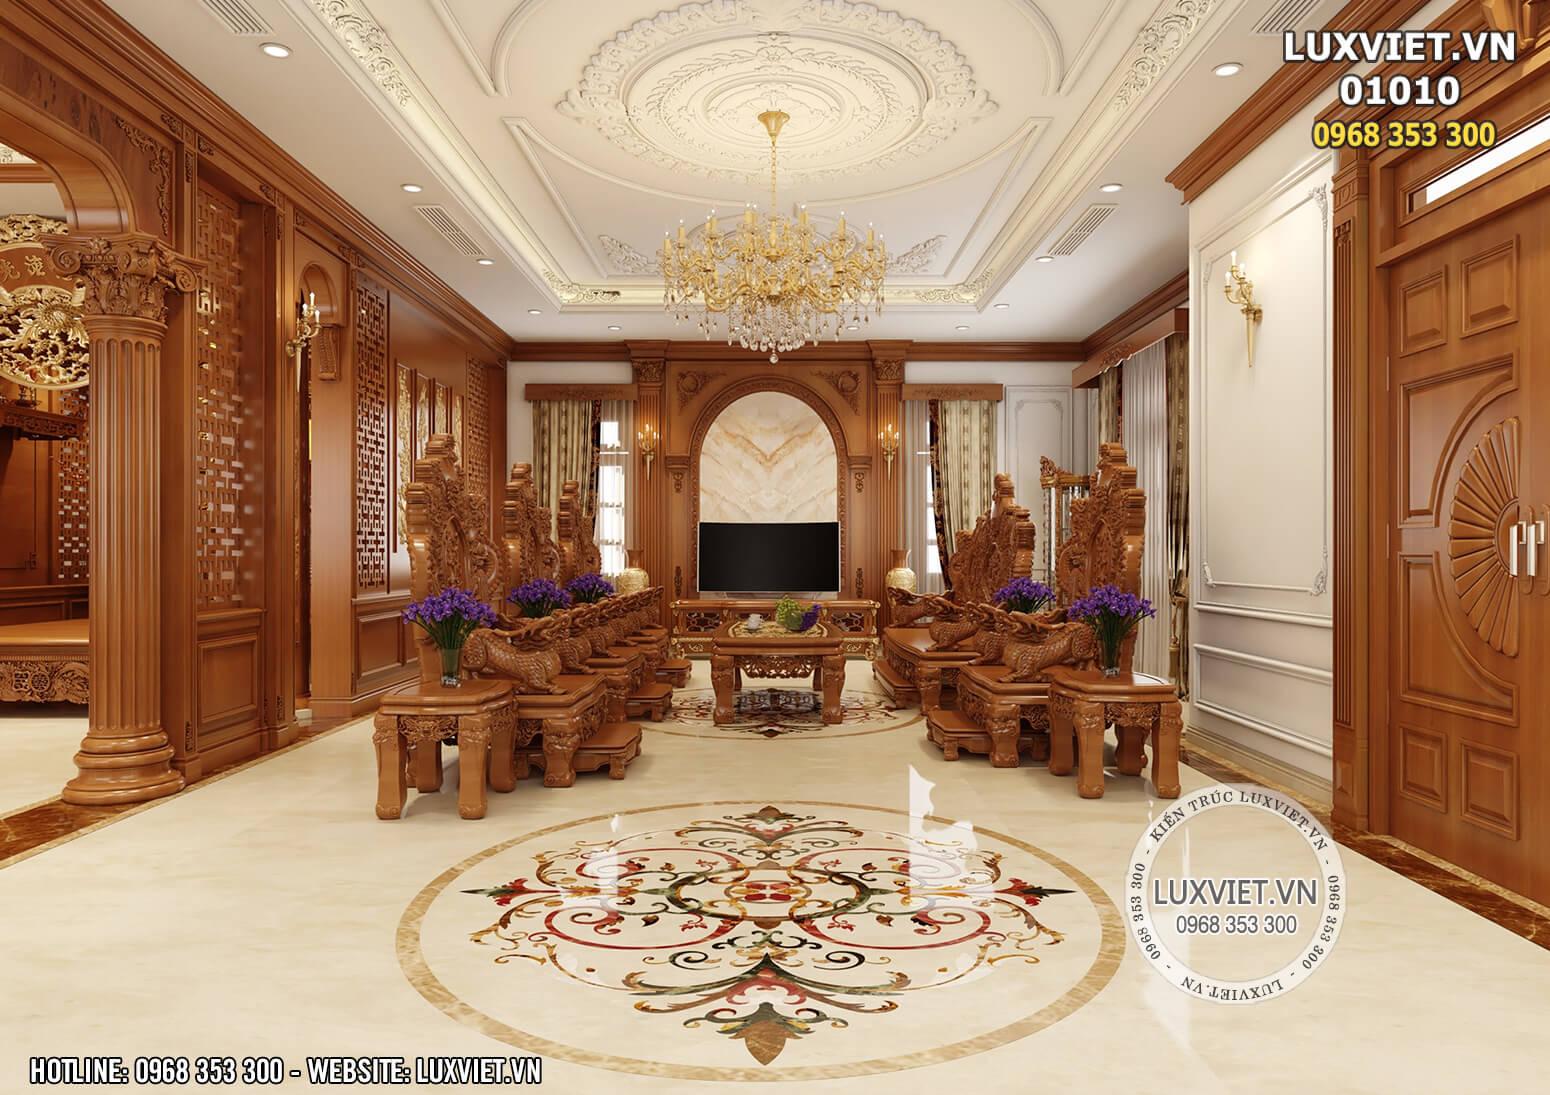 Nội thất gỗ tân cổ điển cho biệt thự 2 tầng – LV 01010.